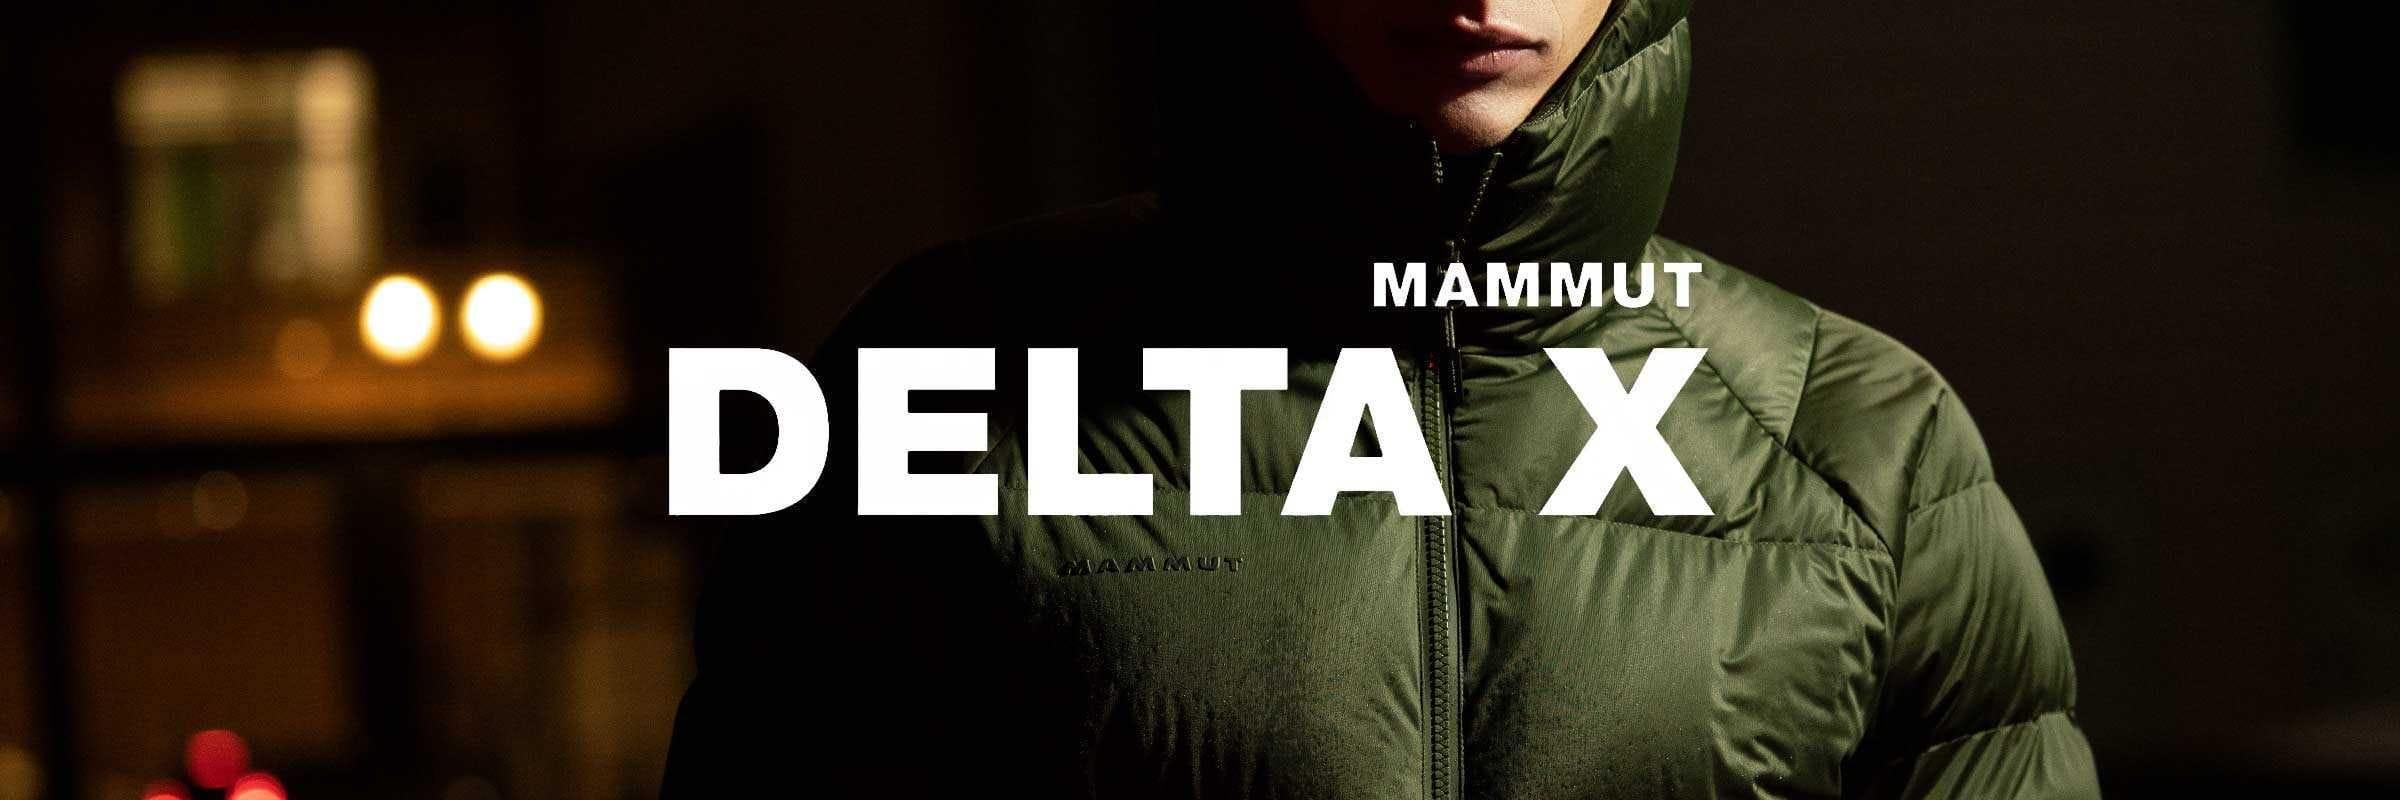 Collection Delta X de Mammut: Les performances de la vie urbaine